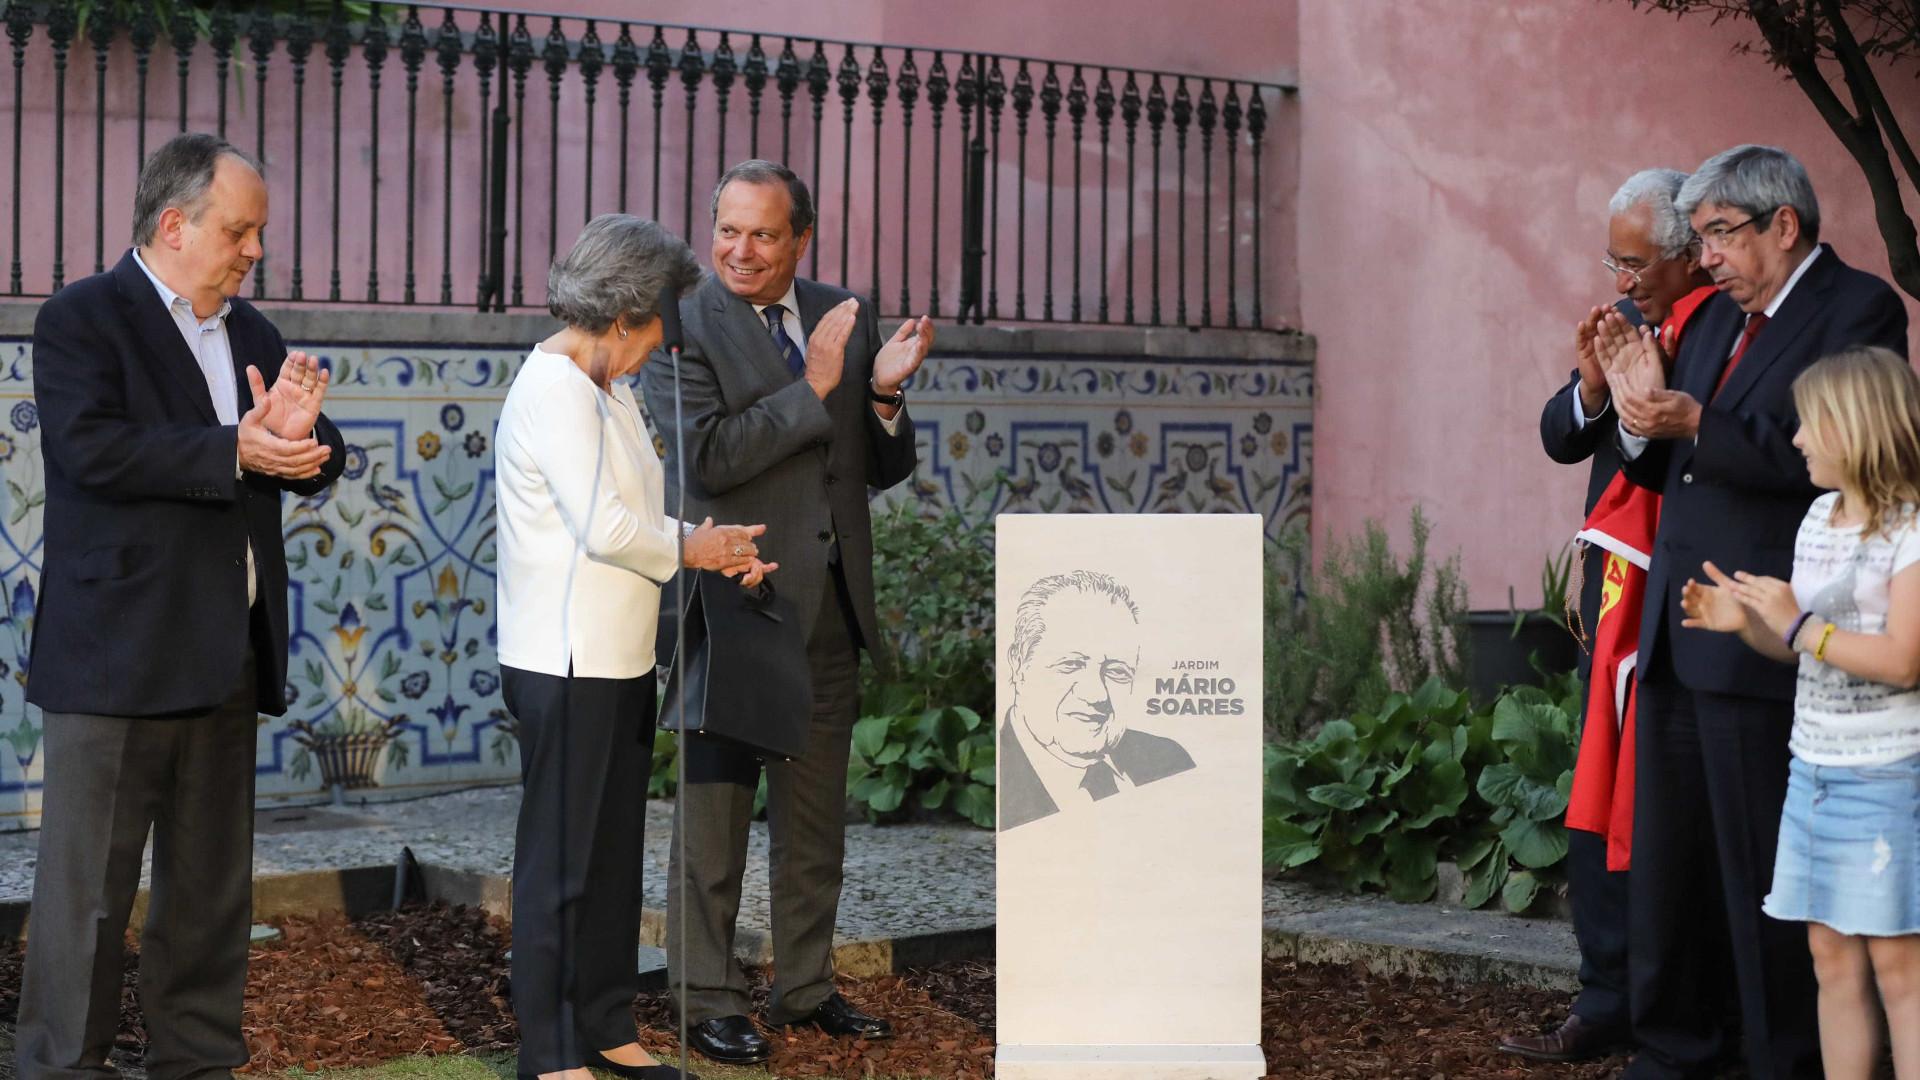 Costa evoca o amor de Mário Soares pela liberdade e pelas árvores